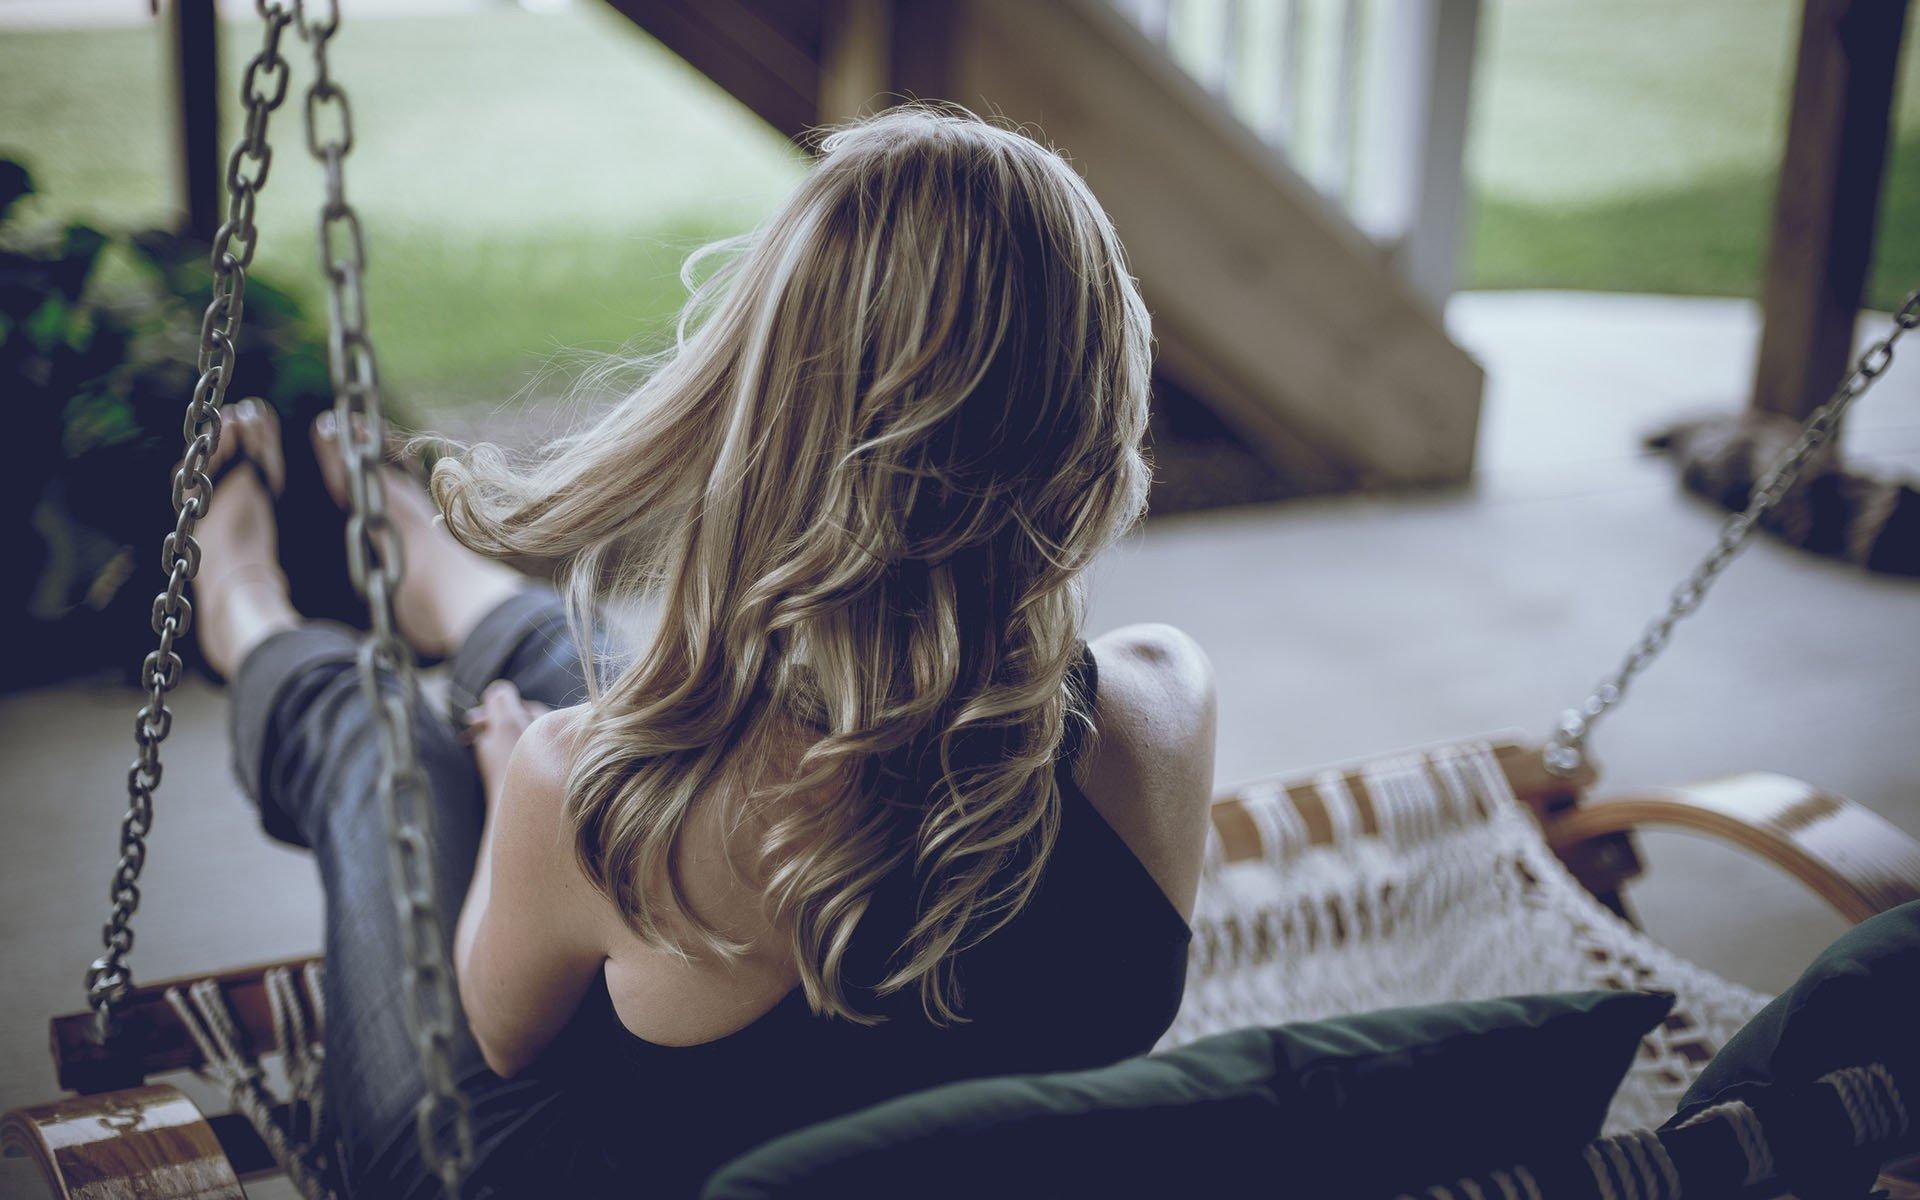 Русые девушки сзади, Фотки красивых девушек брюнеток сзади 18 фотография